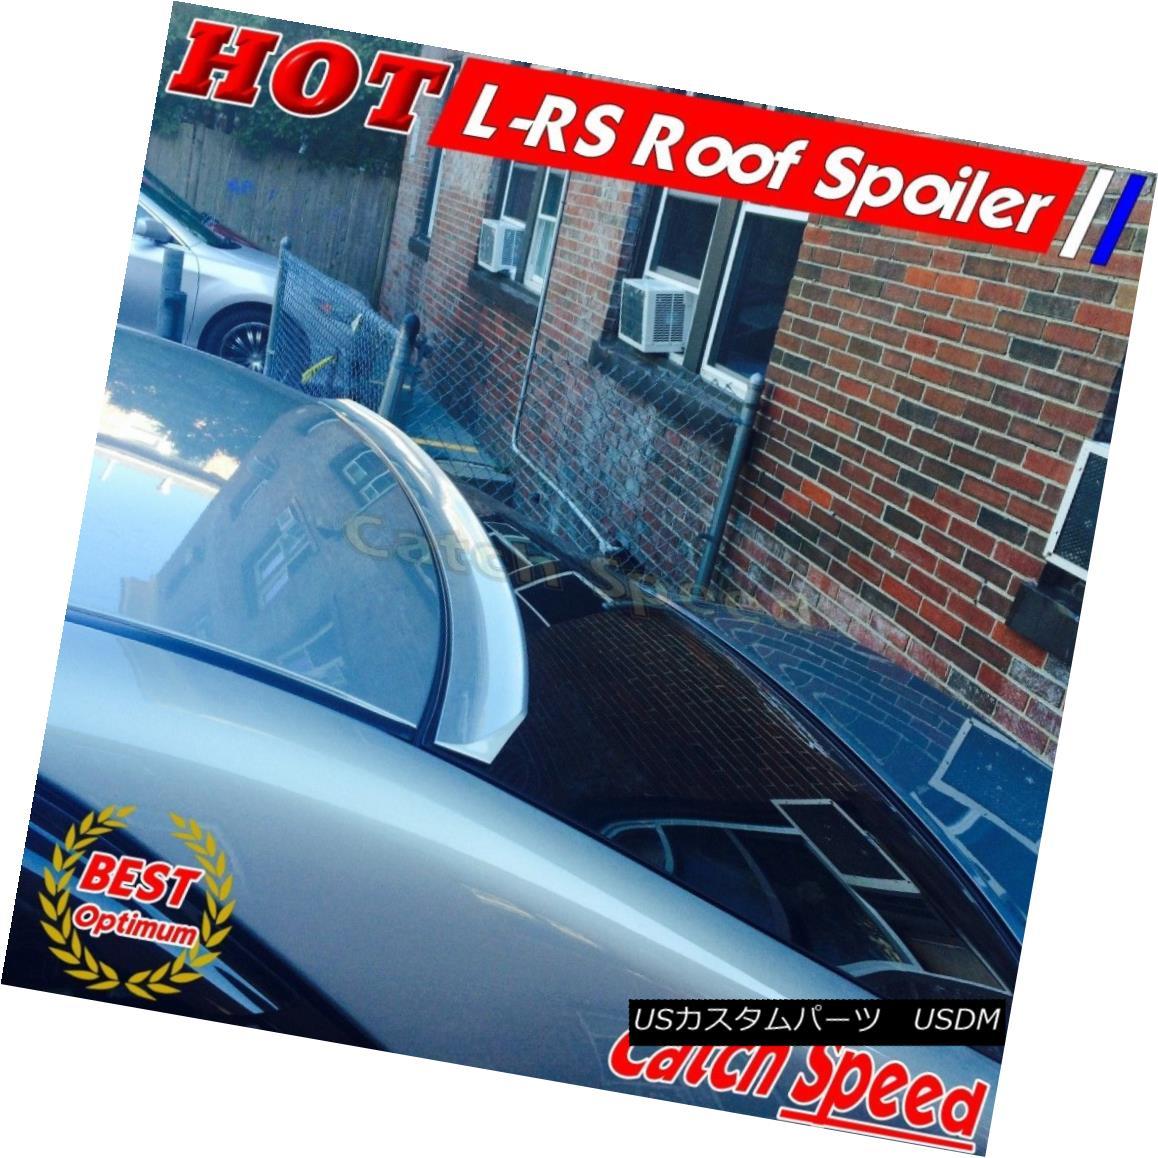 エアロパーツ Flat Black LRS Type Rear Roof Spoiler Wing For Infiniti G37 V36 Sedan 2011~15 ? インフィニティ用フラットブラックLRSタイプリアルーフスポイラーウィングG37 V36セダン2011?15?